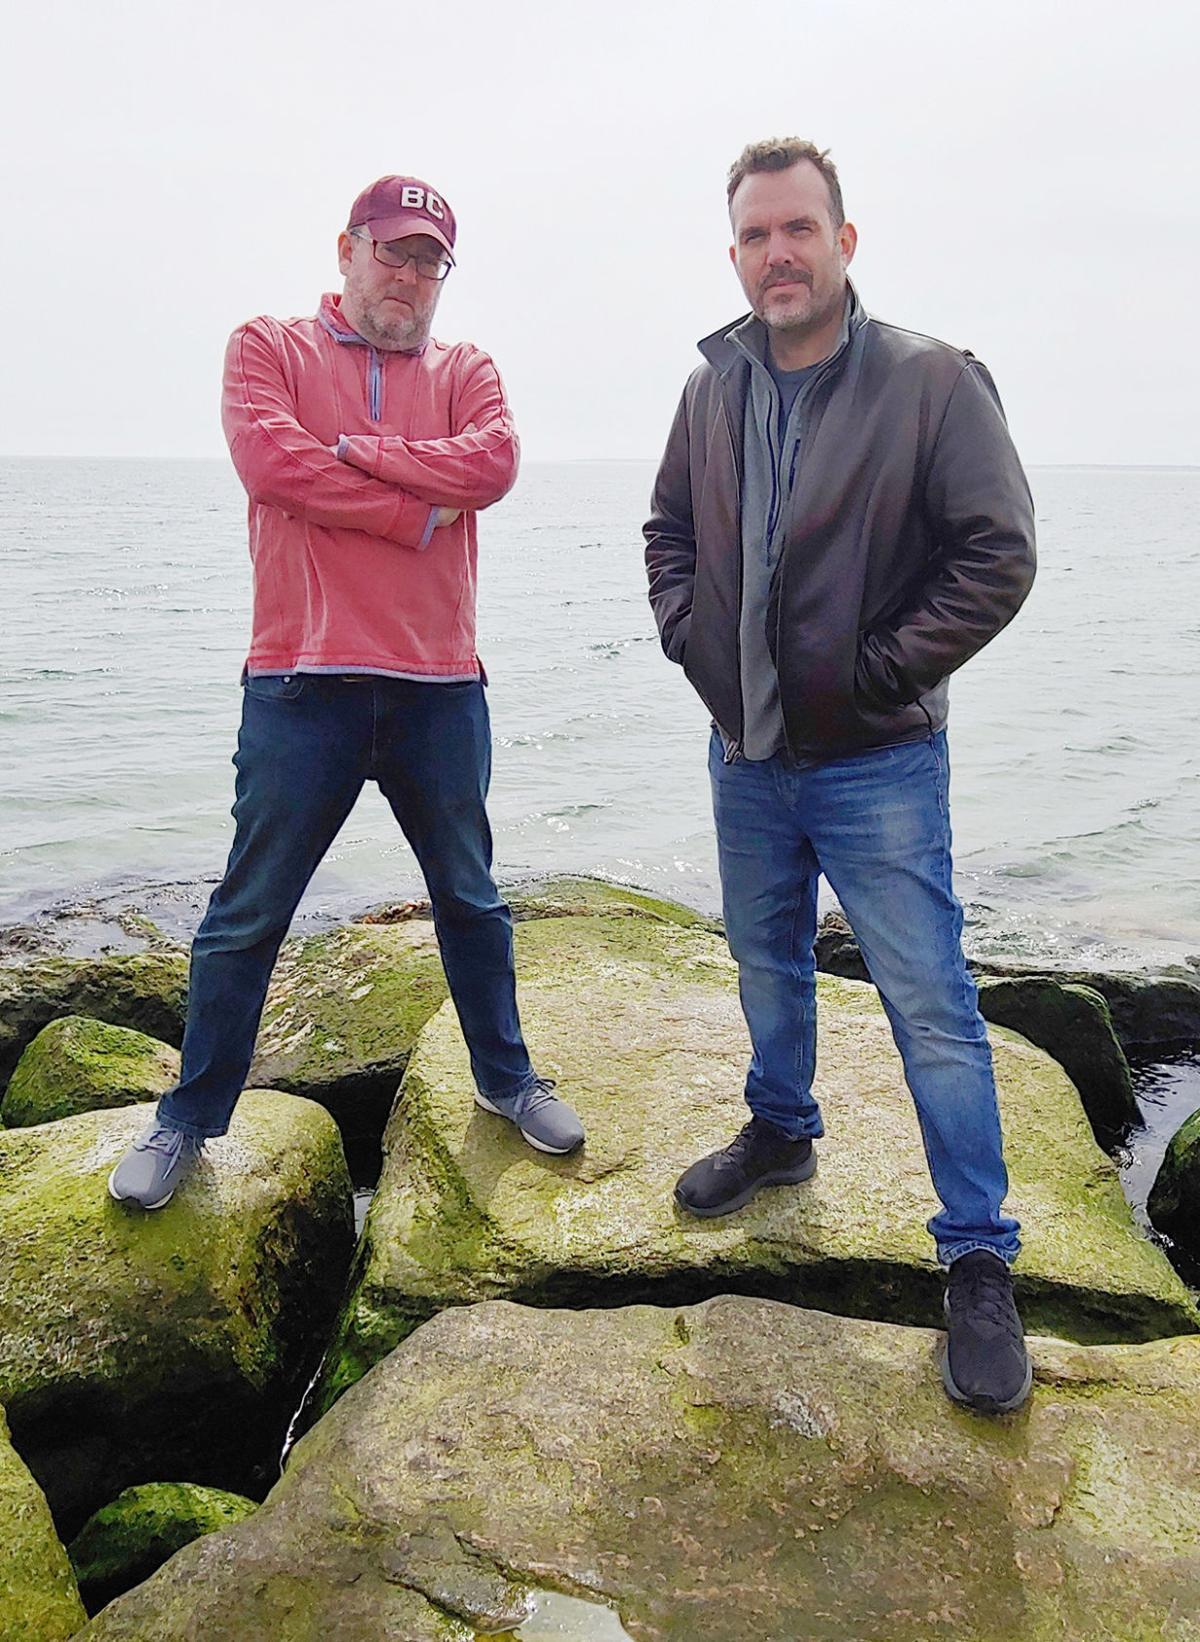 Wicked Wierd Ted & Mark